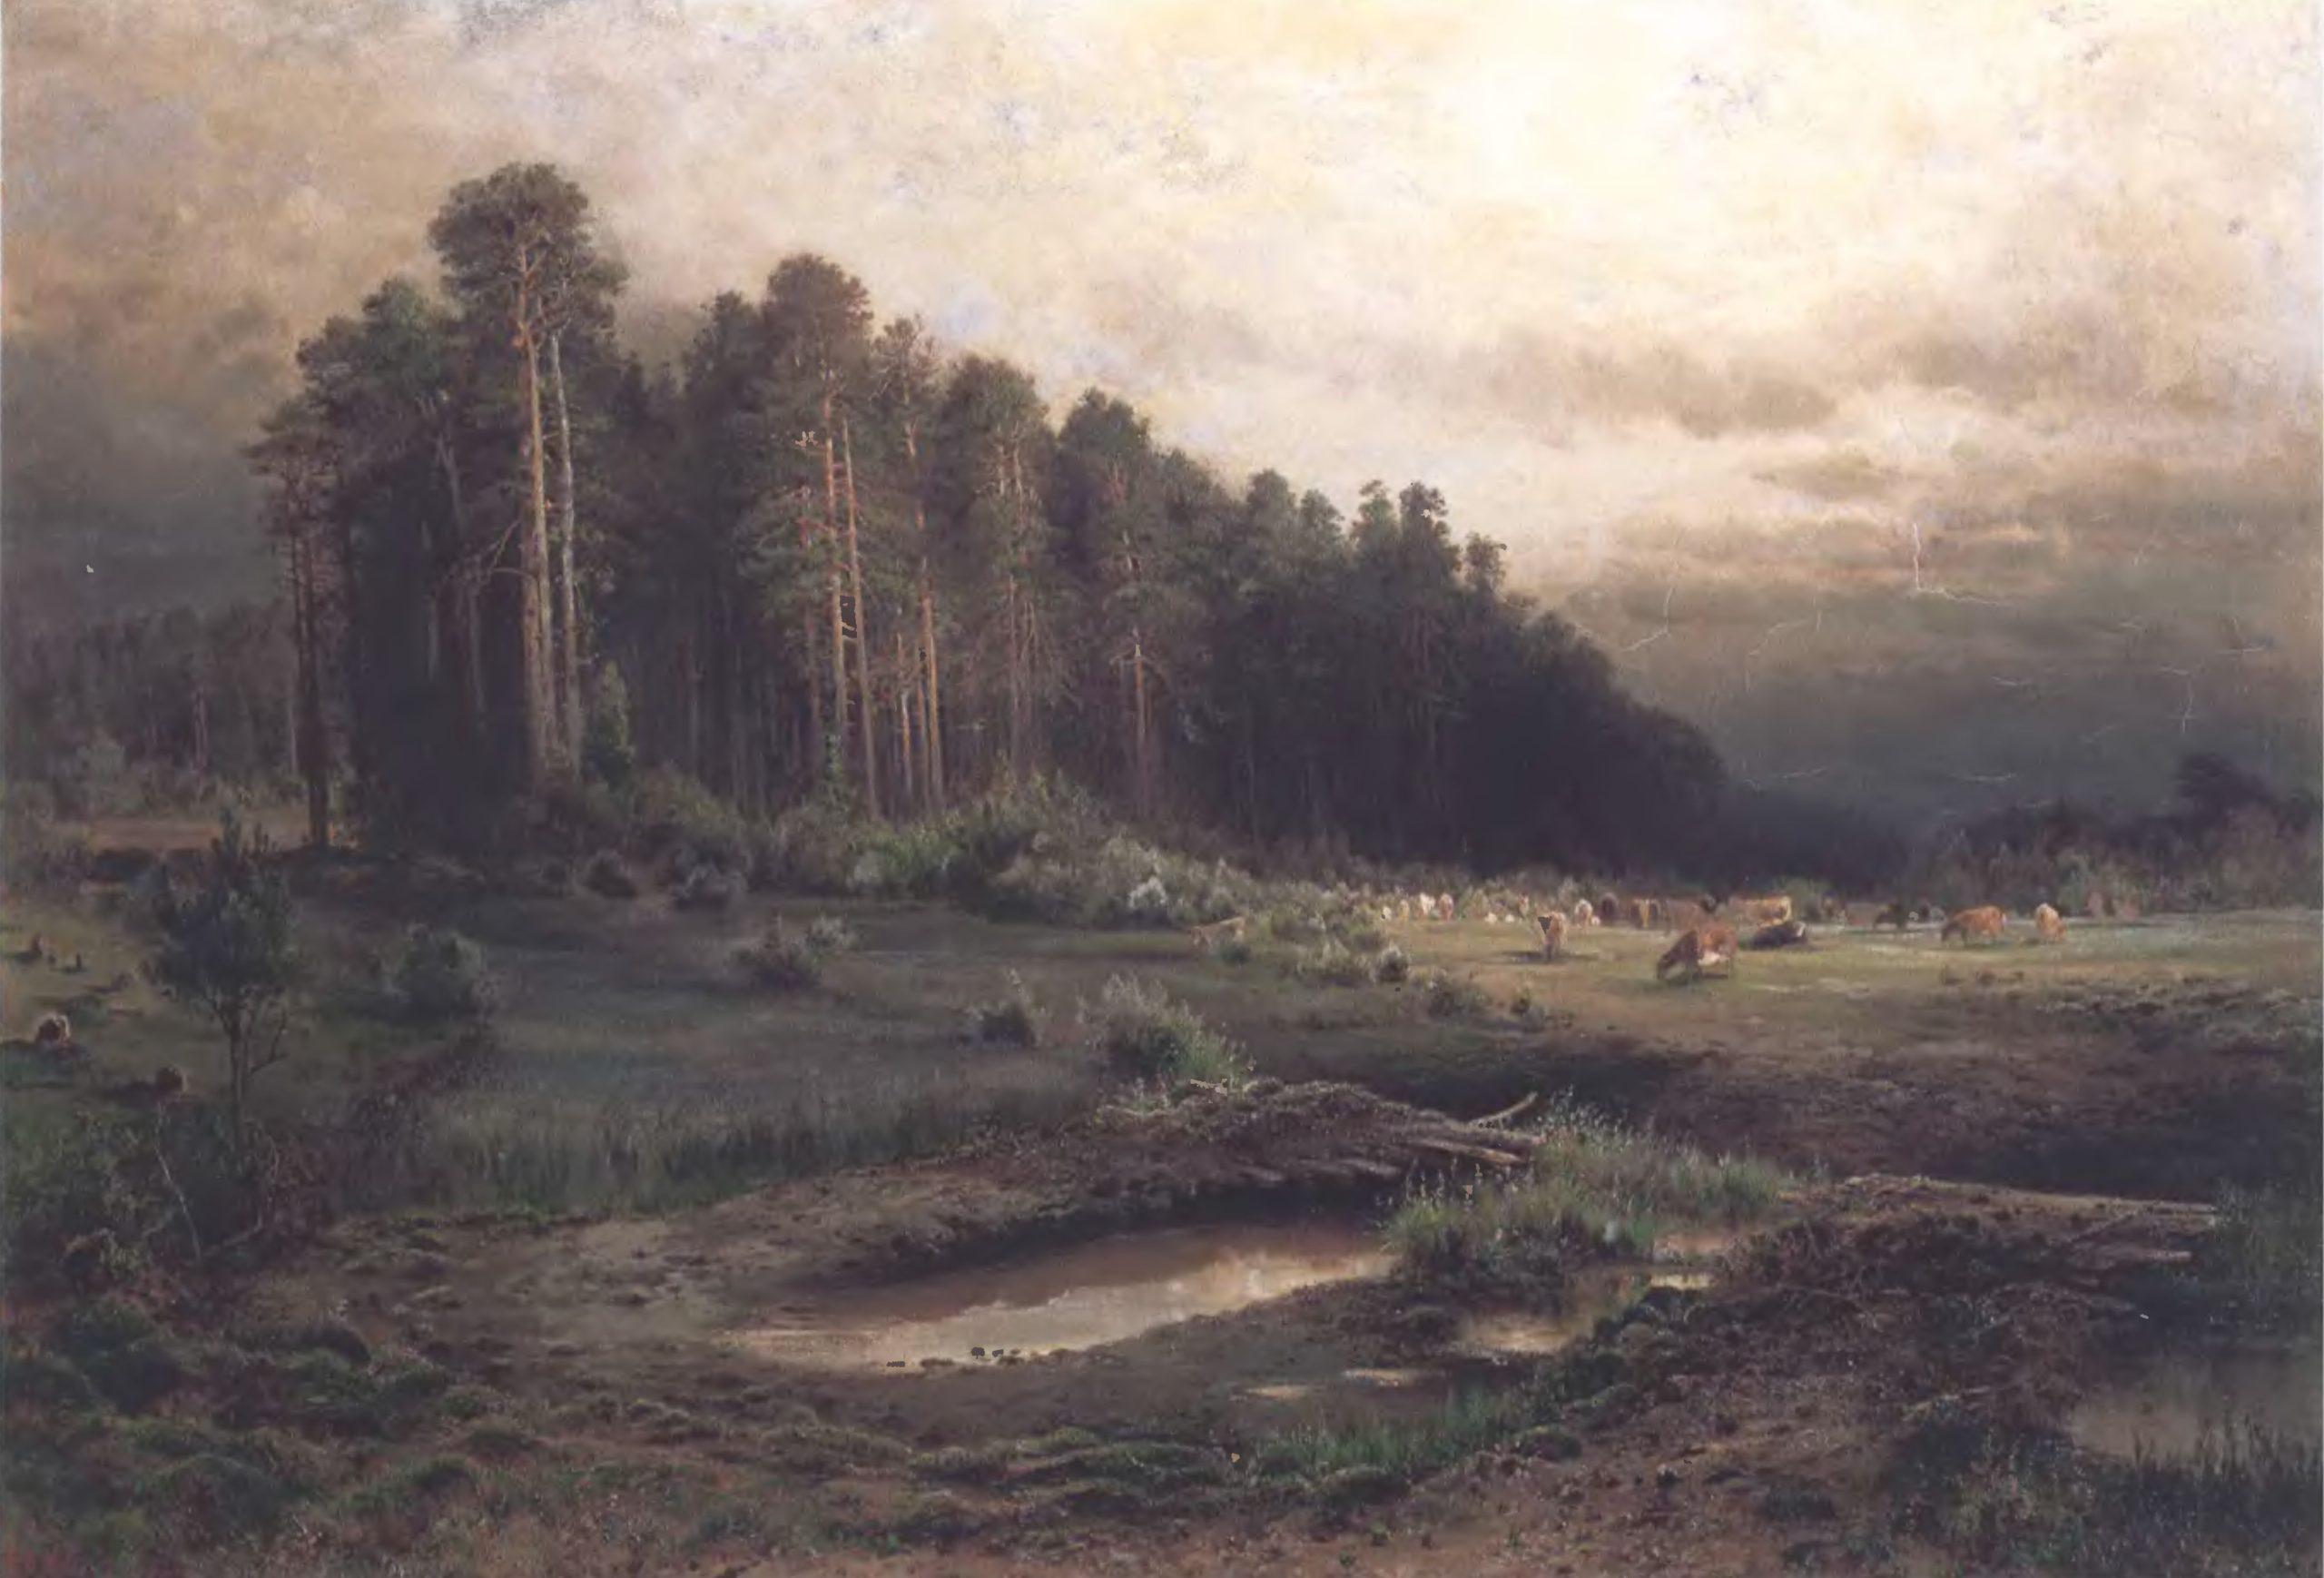 АЛЕКСЕЙ САВРАСОВ. Лосиный остров в Сокольниках. 1869 Холст, масло. 62 х 88 см. Государственная Третьяковская галерея